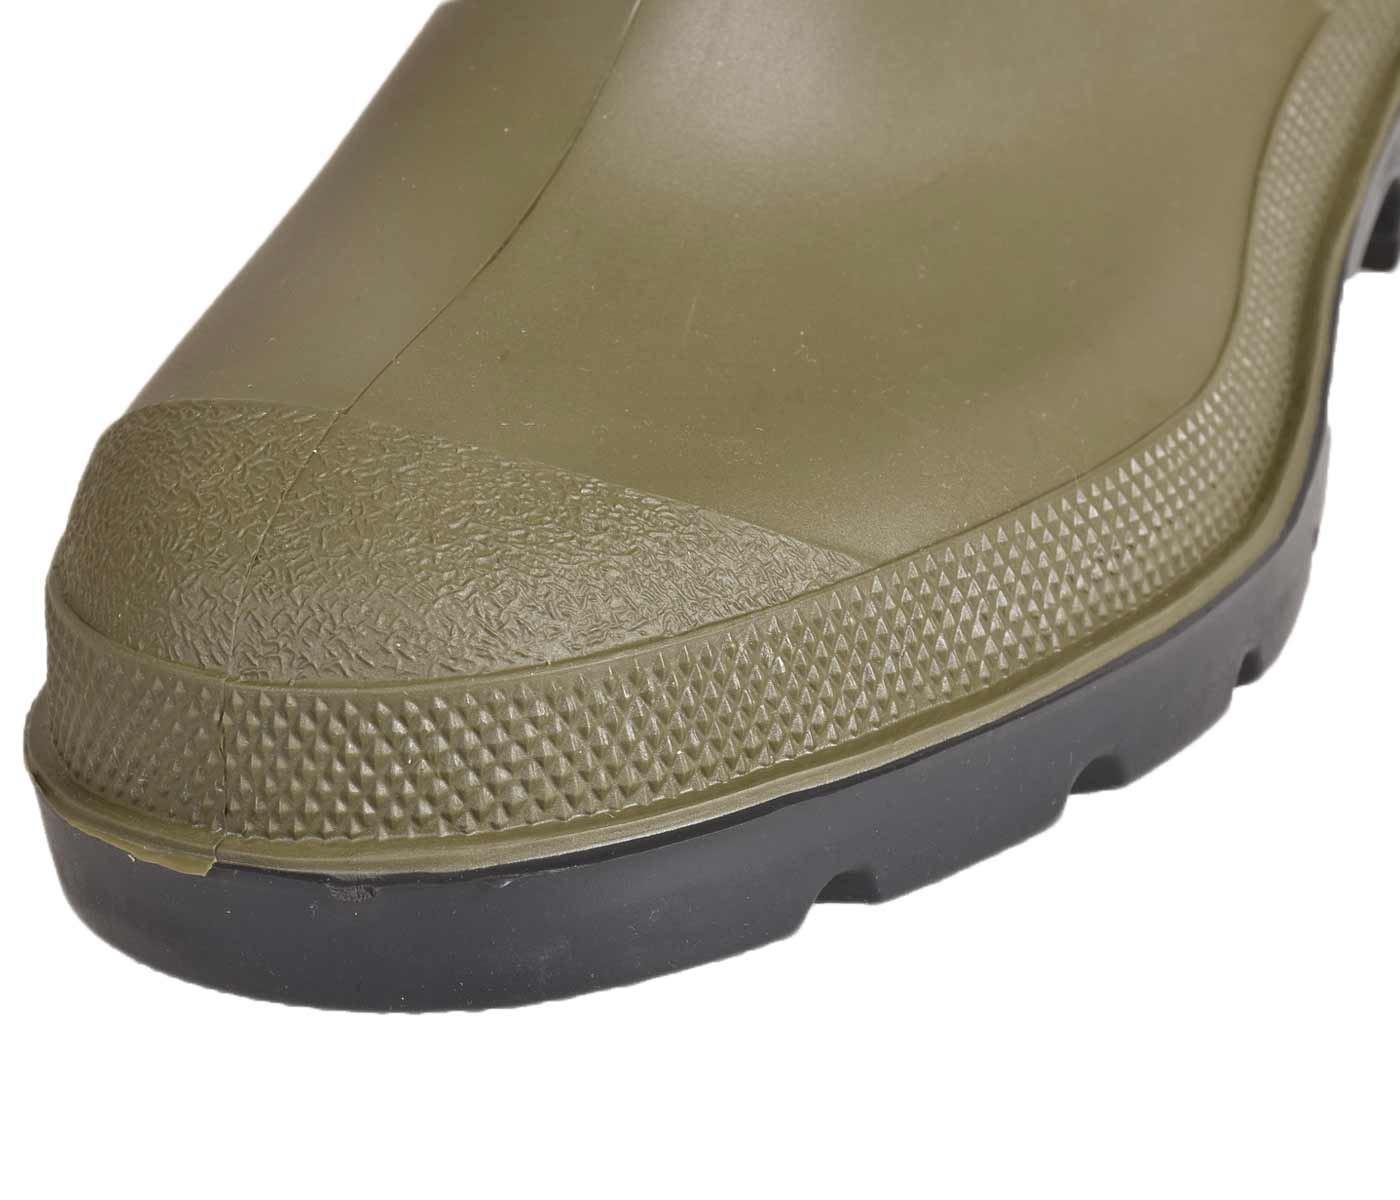 Mens-Dunlop-Wellington-Boots-Women-Knee-High-Wellies-Work-Rain-Waterproof-Mucker thumbnail 16